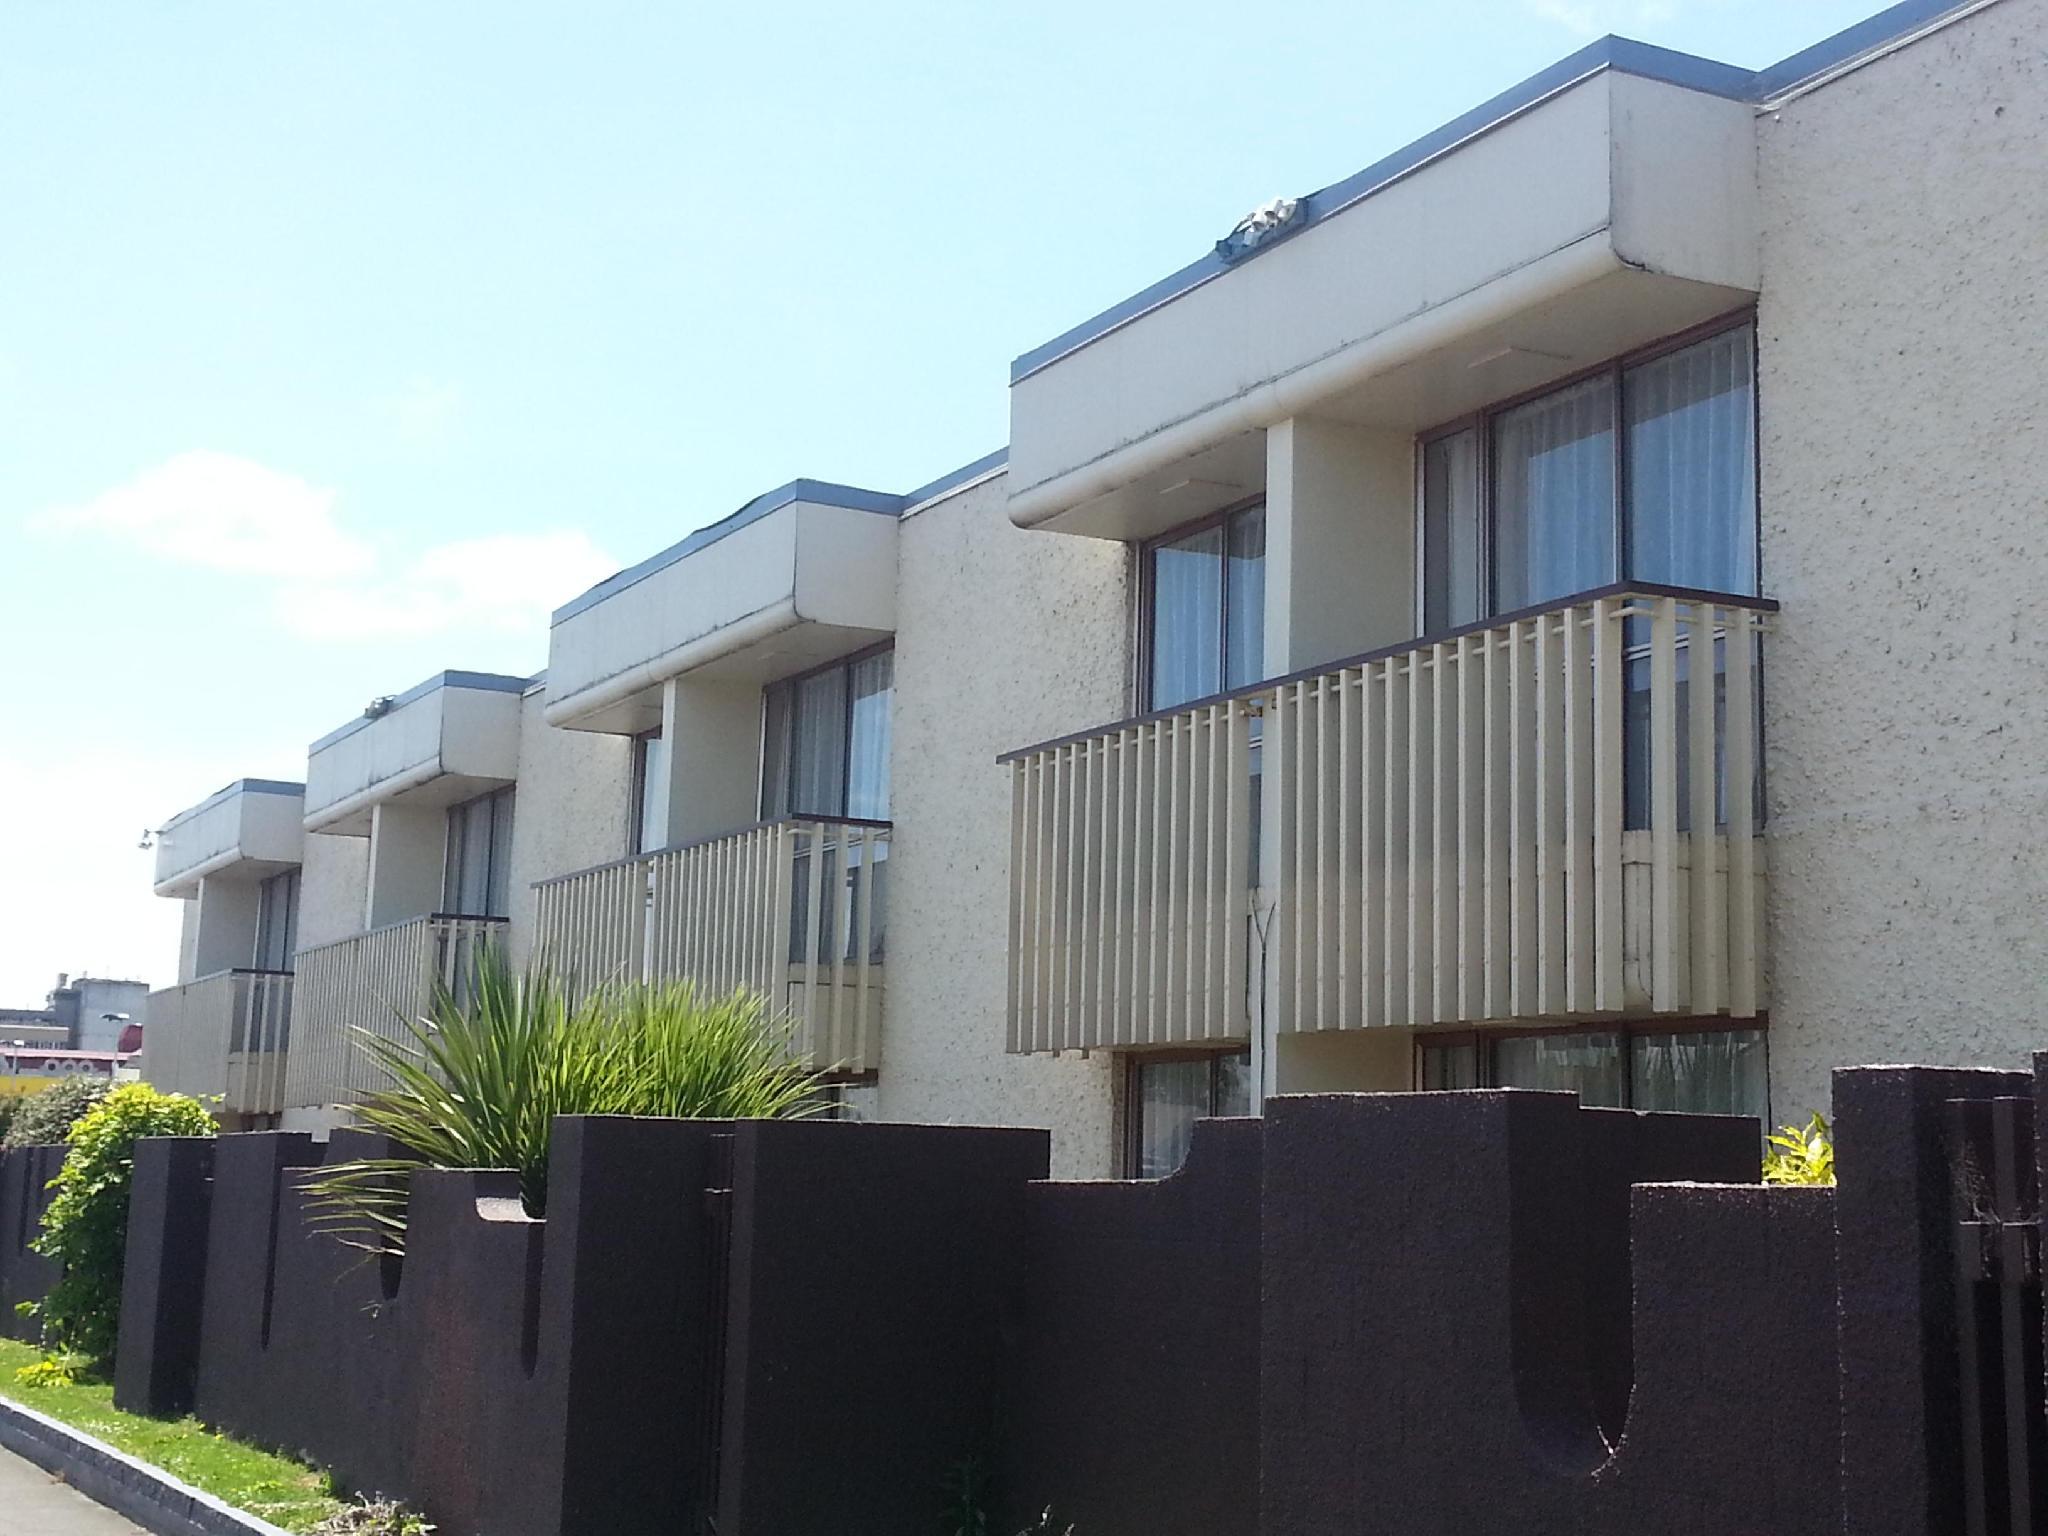 Central City Accommodation, Palmerston North - Hotell och Boende i Nya Zeeland i Stilla havet och Australien